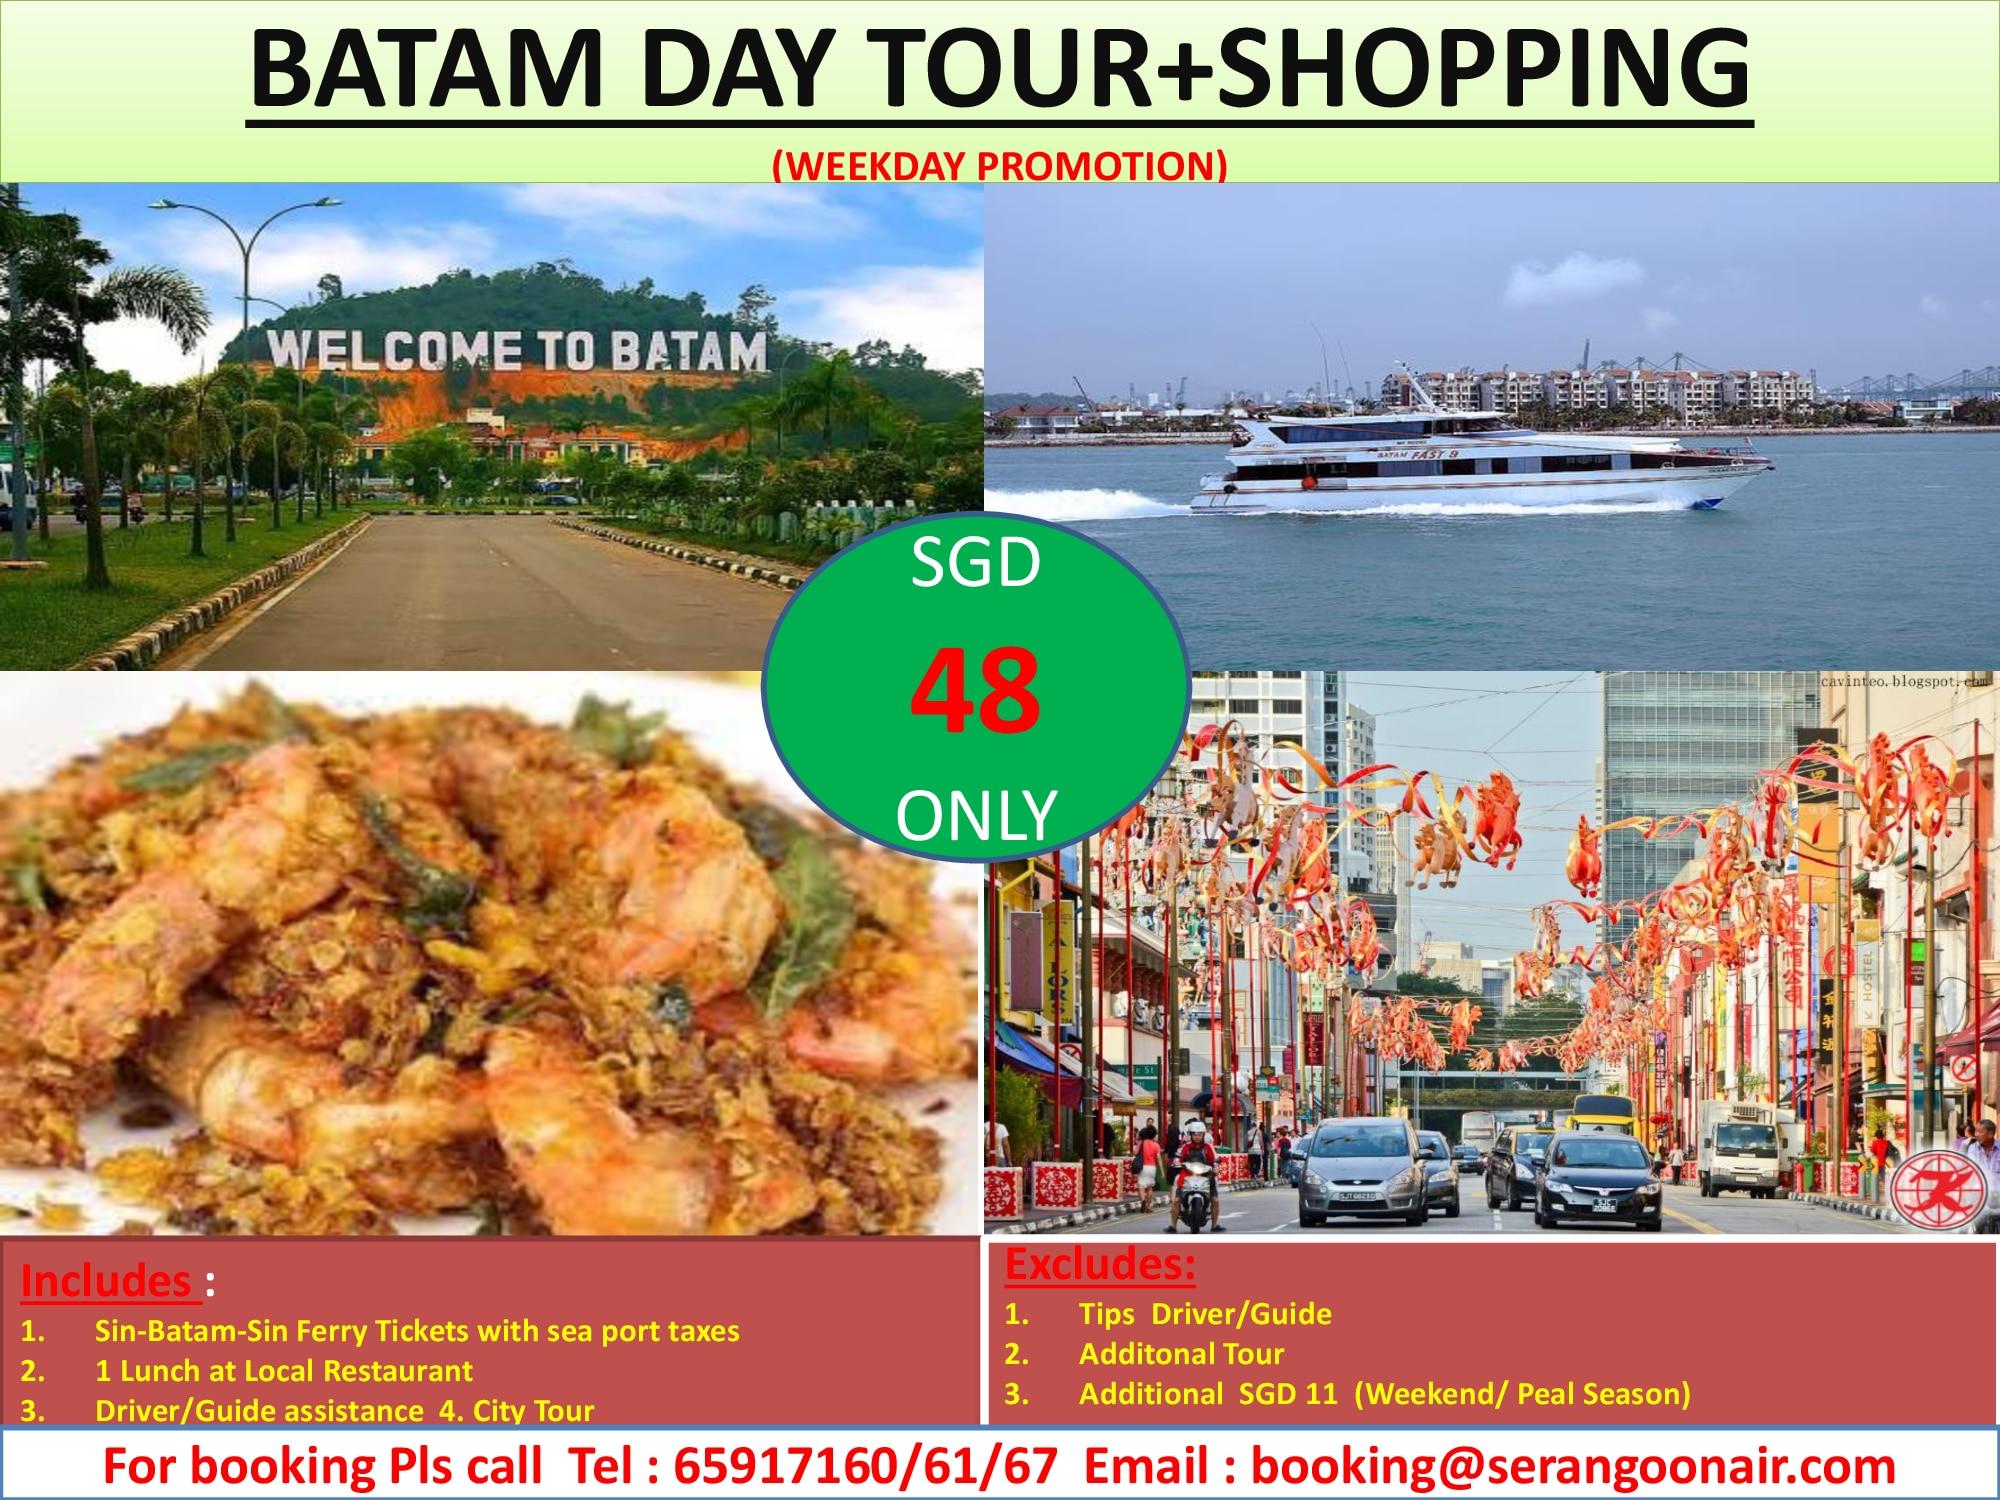 BATAM DAY TOUR PROMO